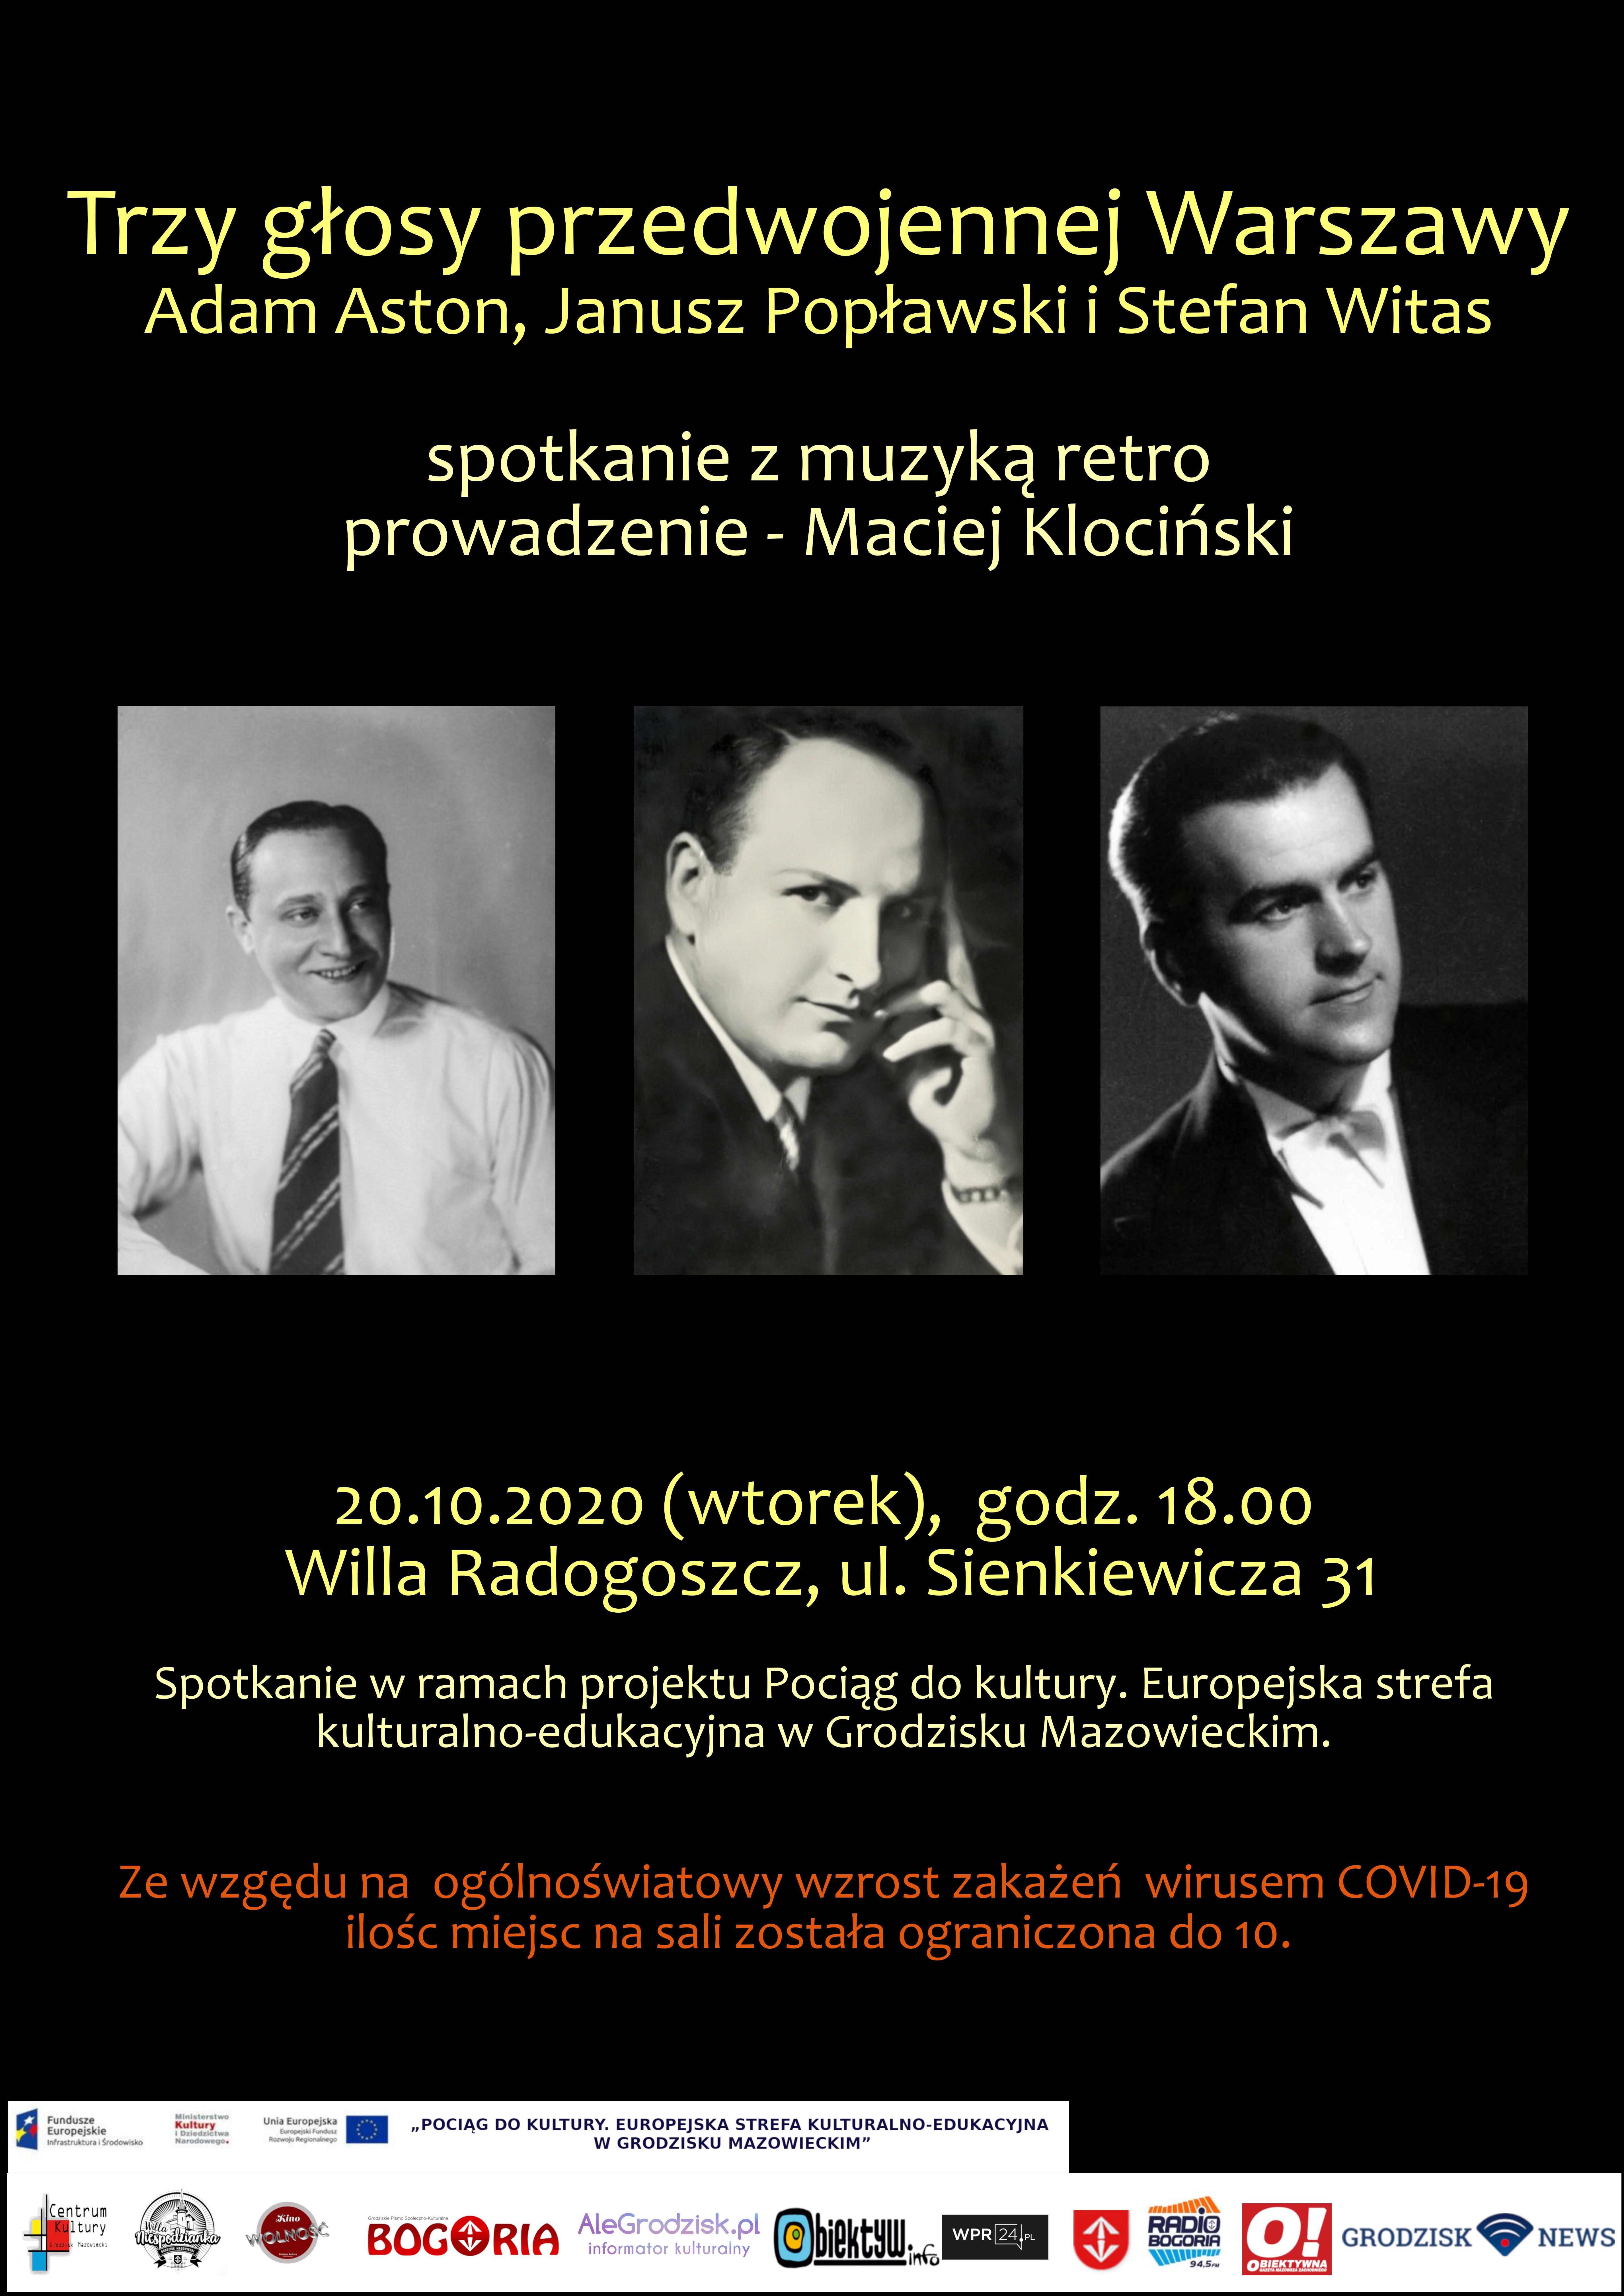 plakat spotkania z muzyką retro prowadzoną przez Macieja Klocińskiego